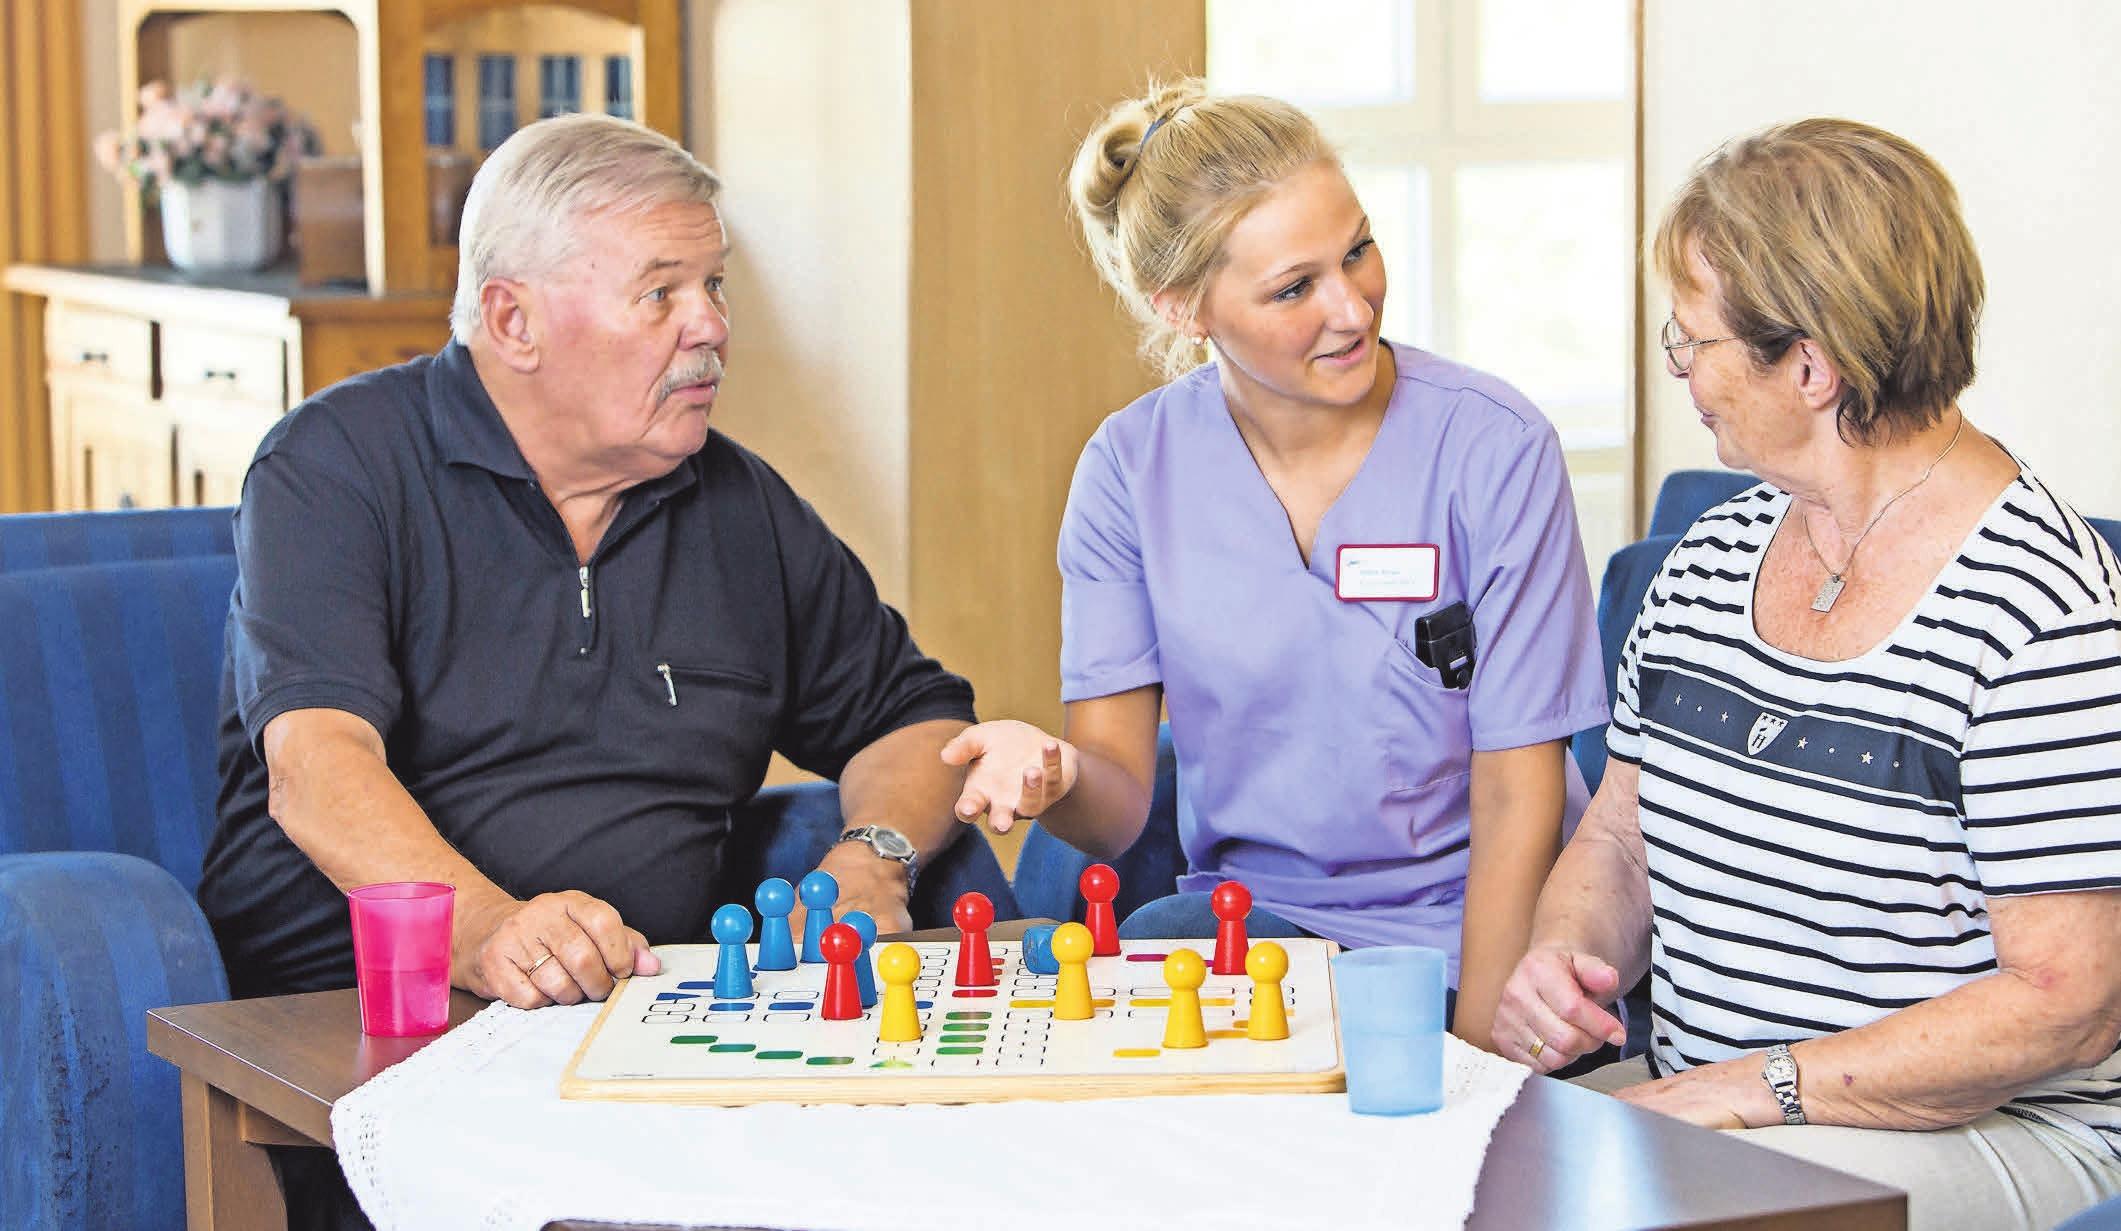 Auch Spiel und gemeinsamer Spaß stehen auf der Tagesordnung. Foto: AOK